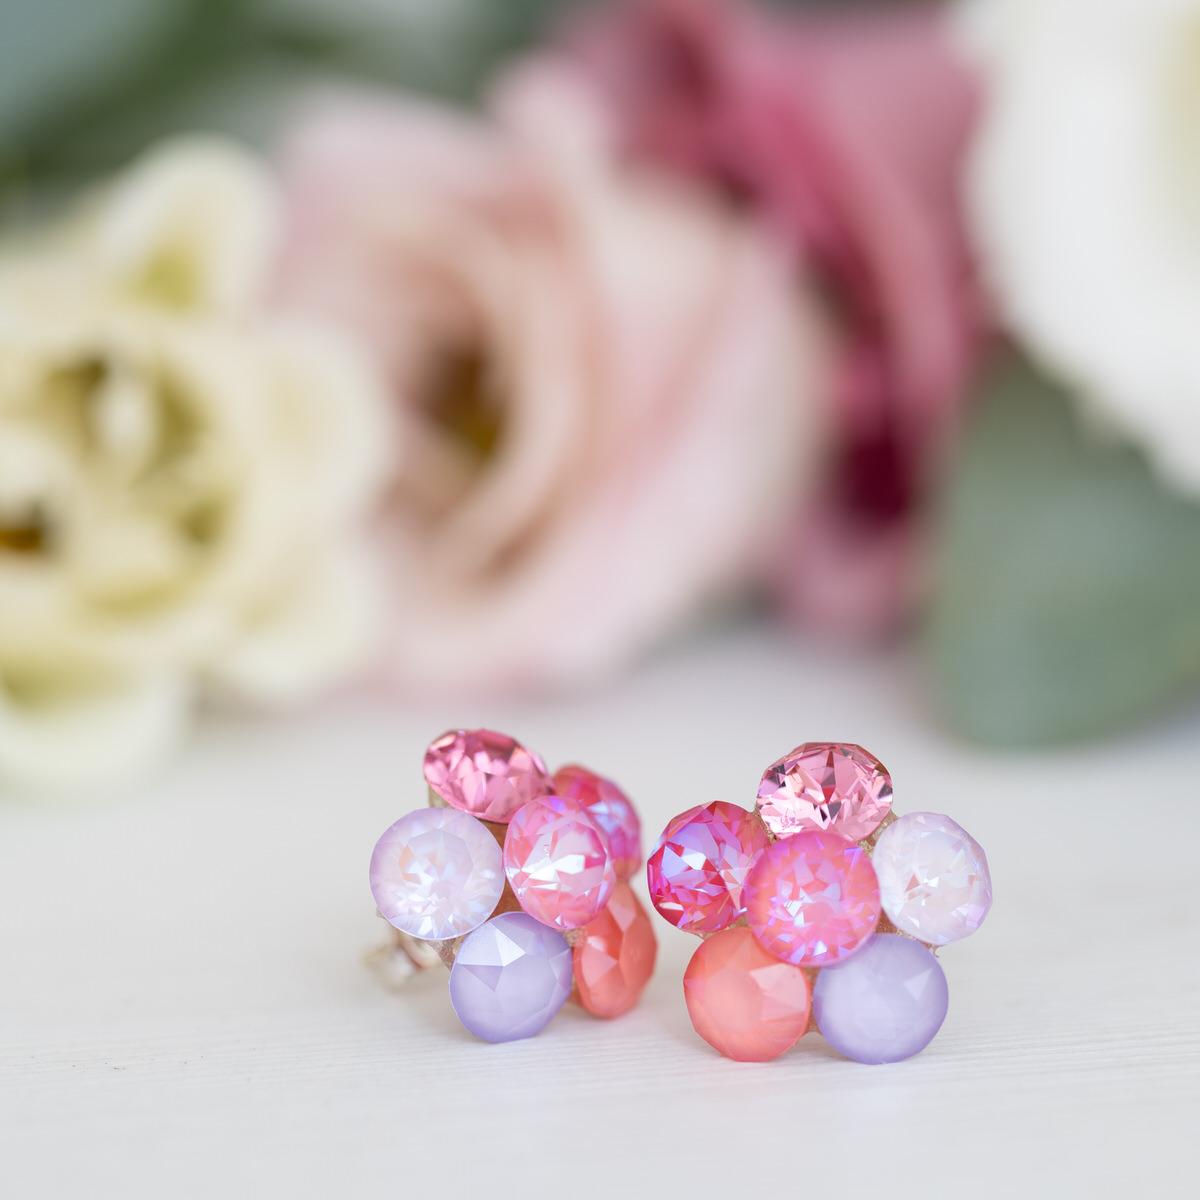 cercei_katart_crystal_flower_k03024.23 (2)